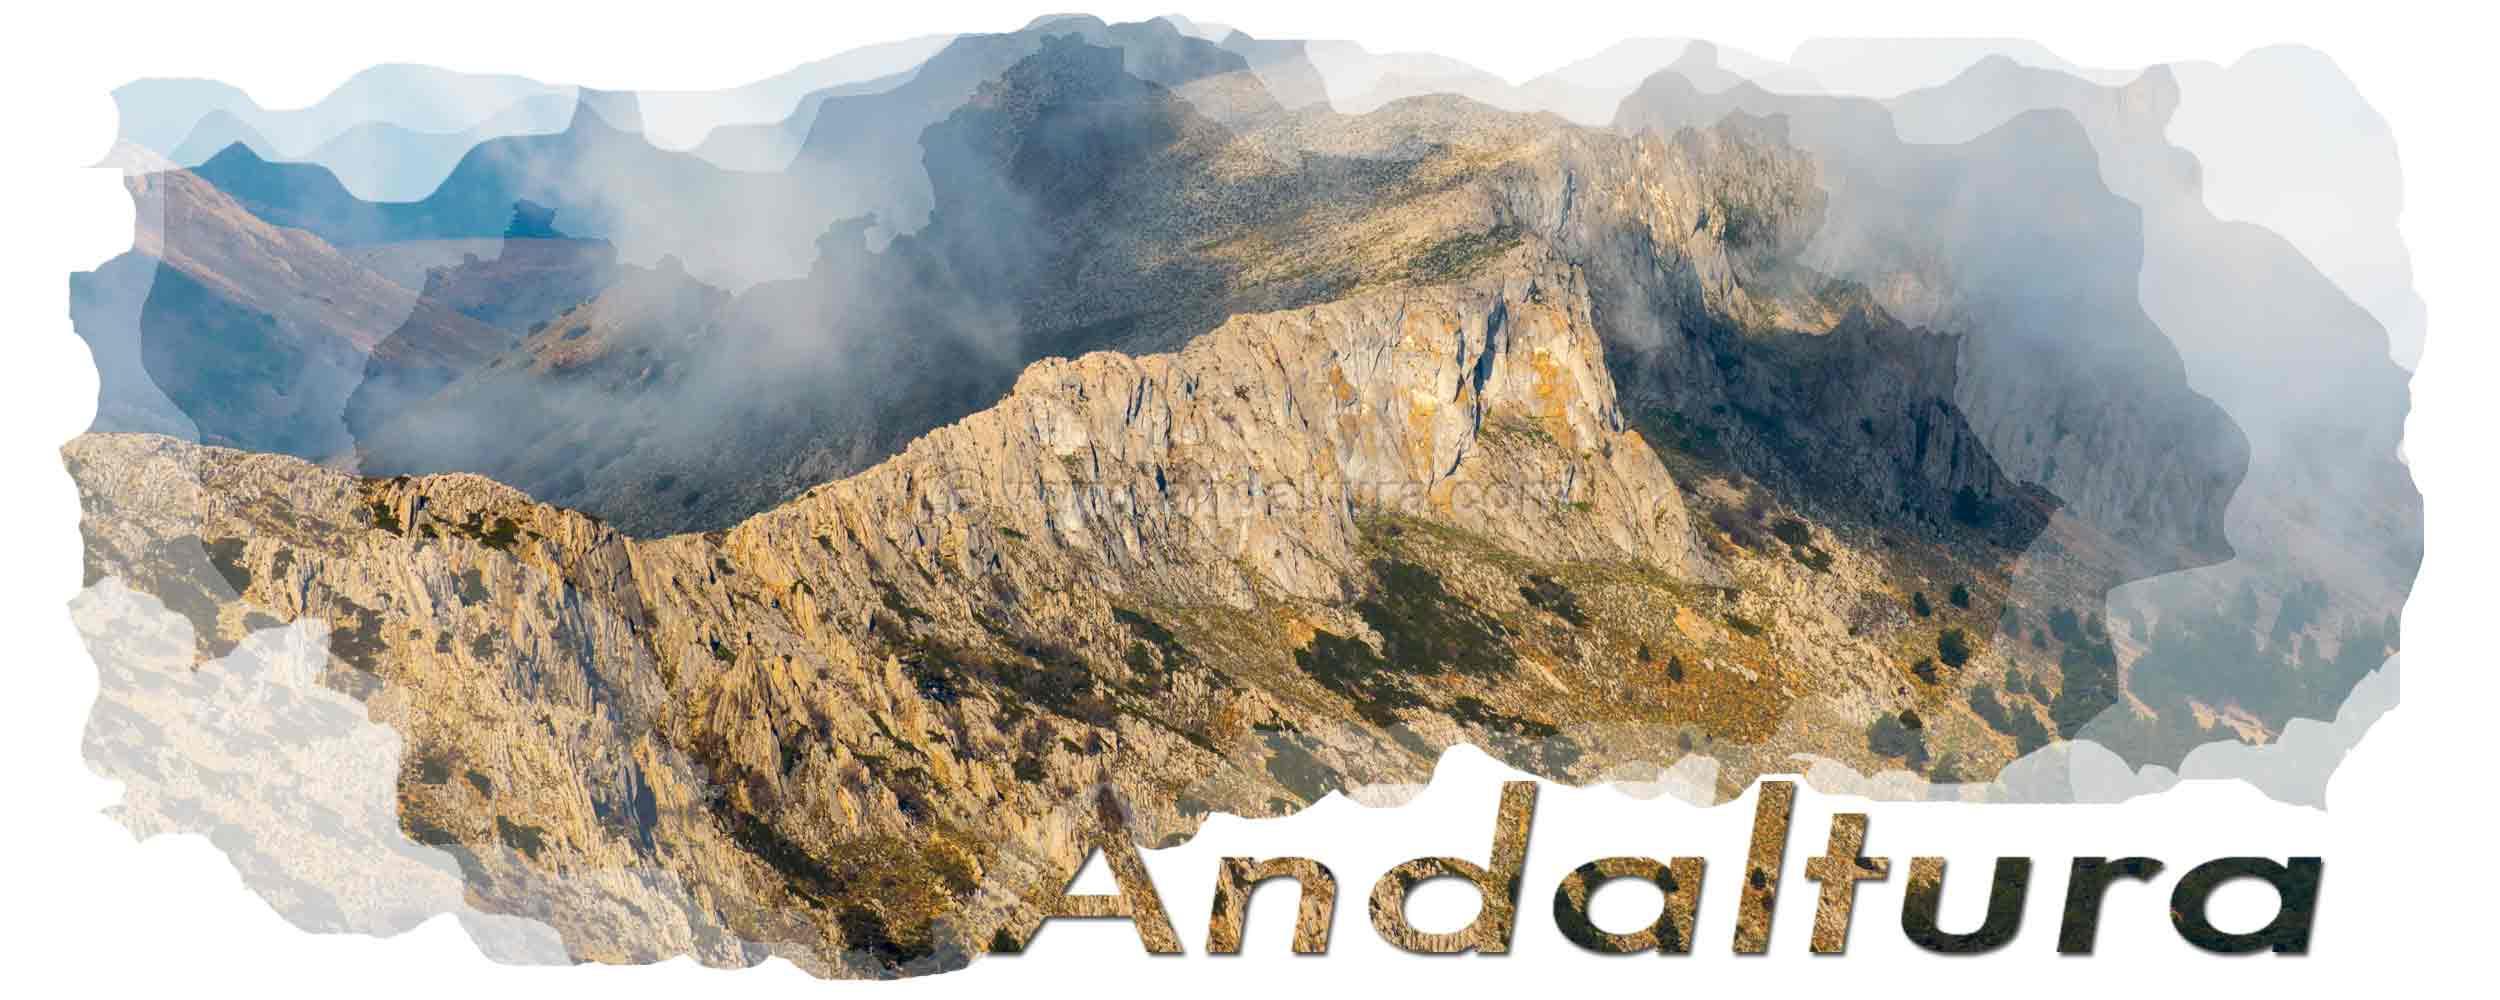 Tus usuarios te lo agradecerán, vincúlate a Andaltura. El Porton - Sierra María -